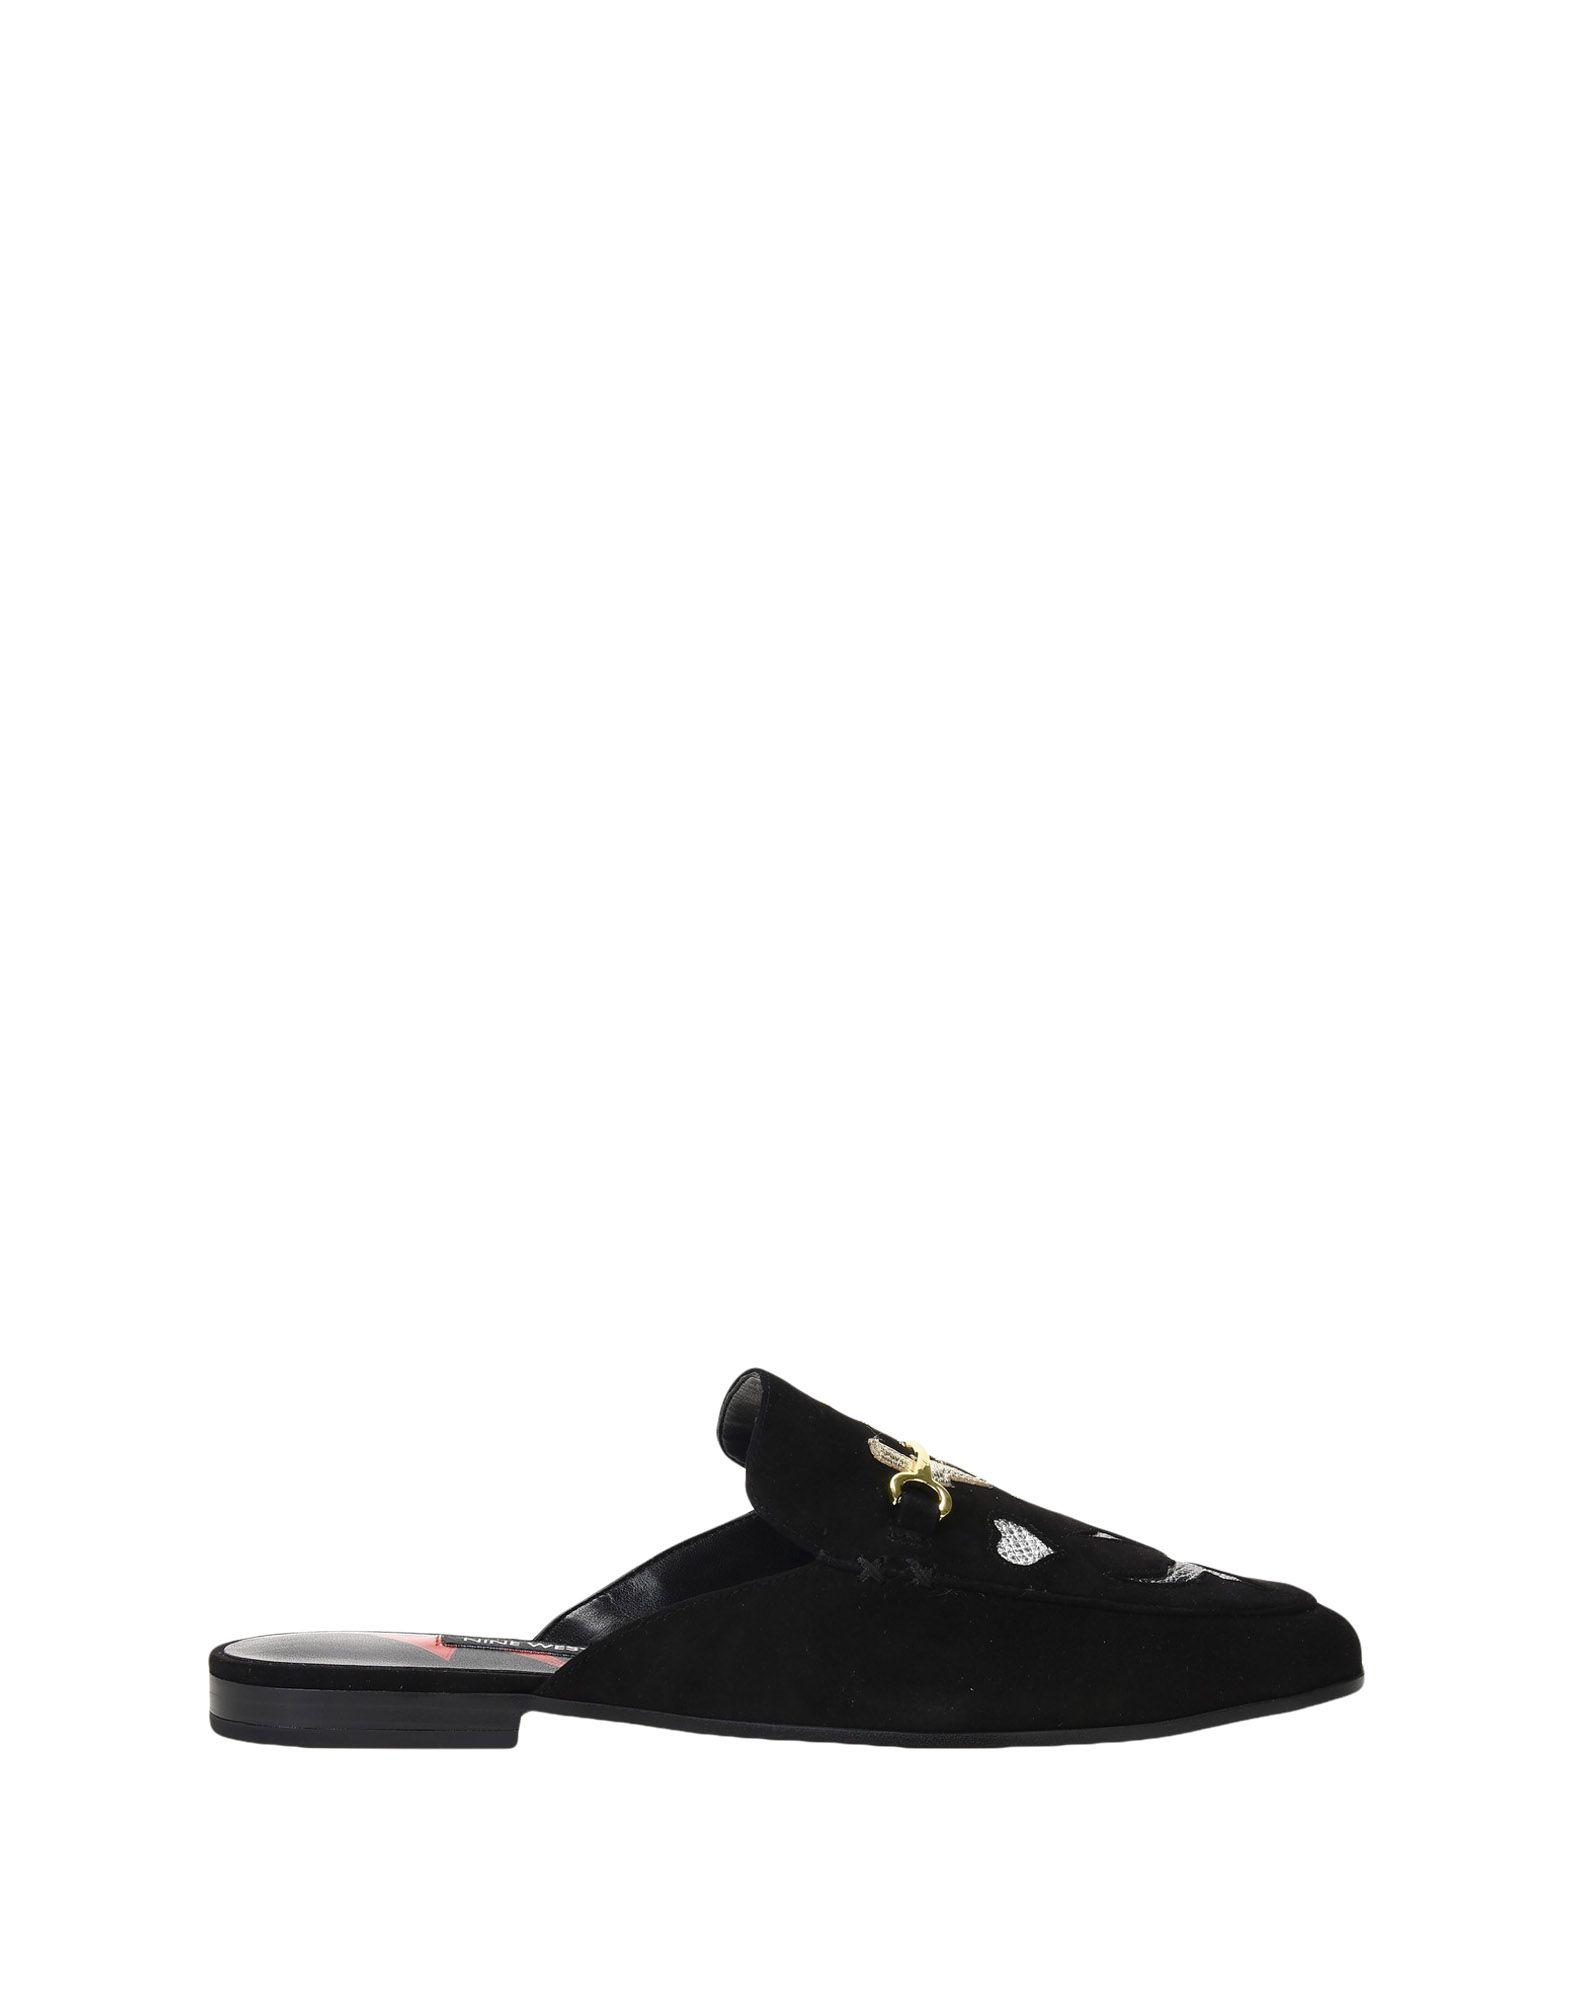 Nine West Qualität Wispin  11483485DE Gute Qualität West beliebte Schuhe eafa2b